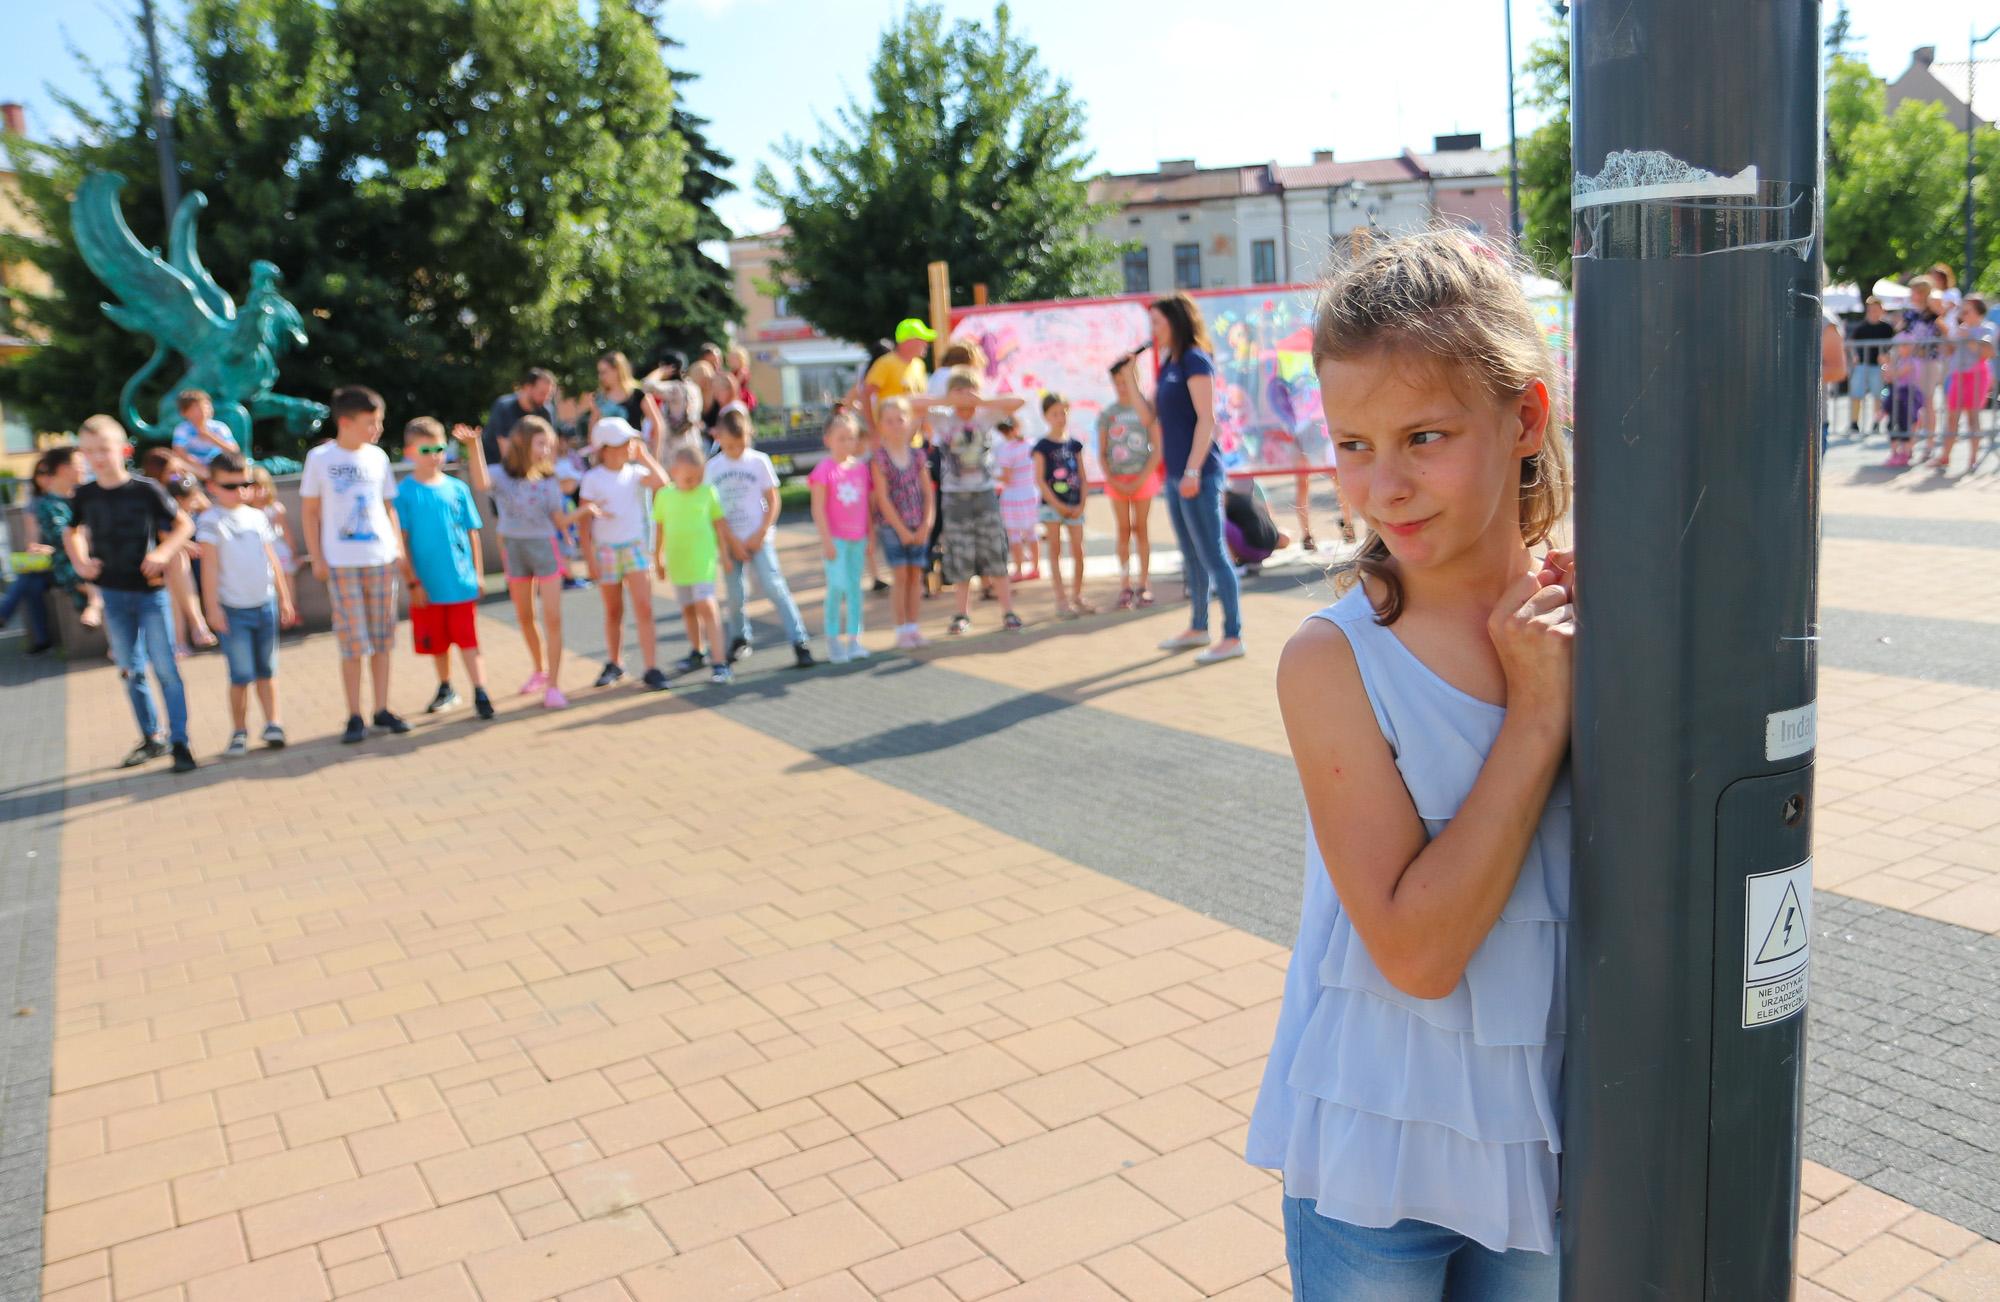 Ruszył letni sezon artystyczny na rynku Starego Miasta w Mielcu [ZDJĘCIA] - Zdjęcie główne